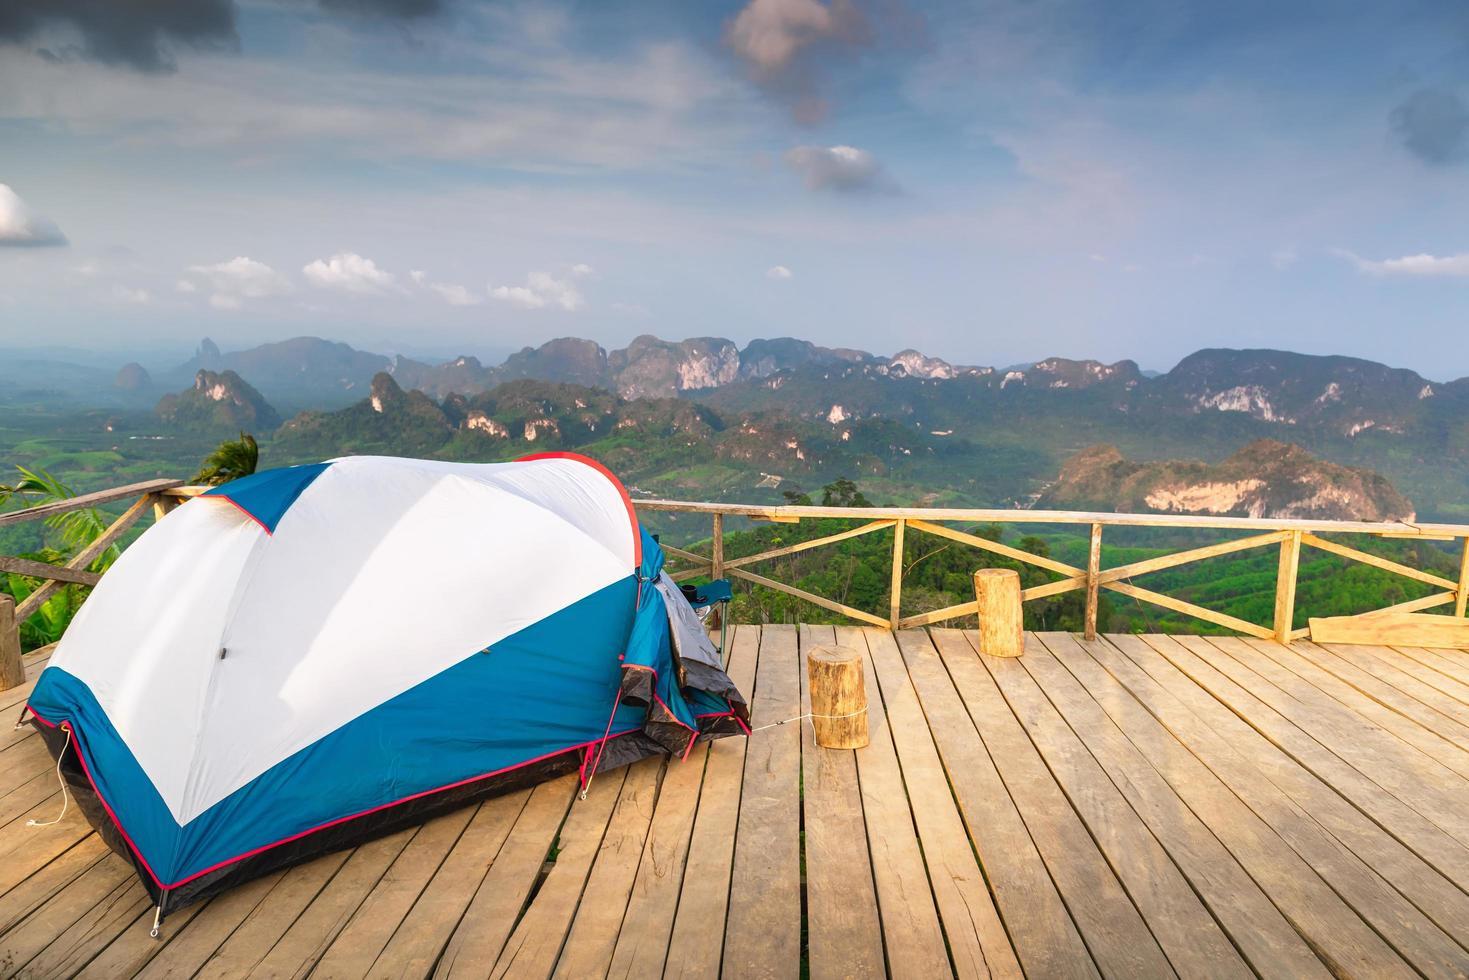 barraca no deck de madeira foto